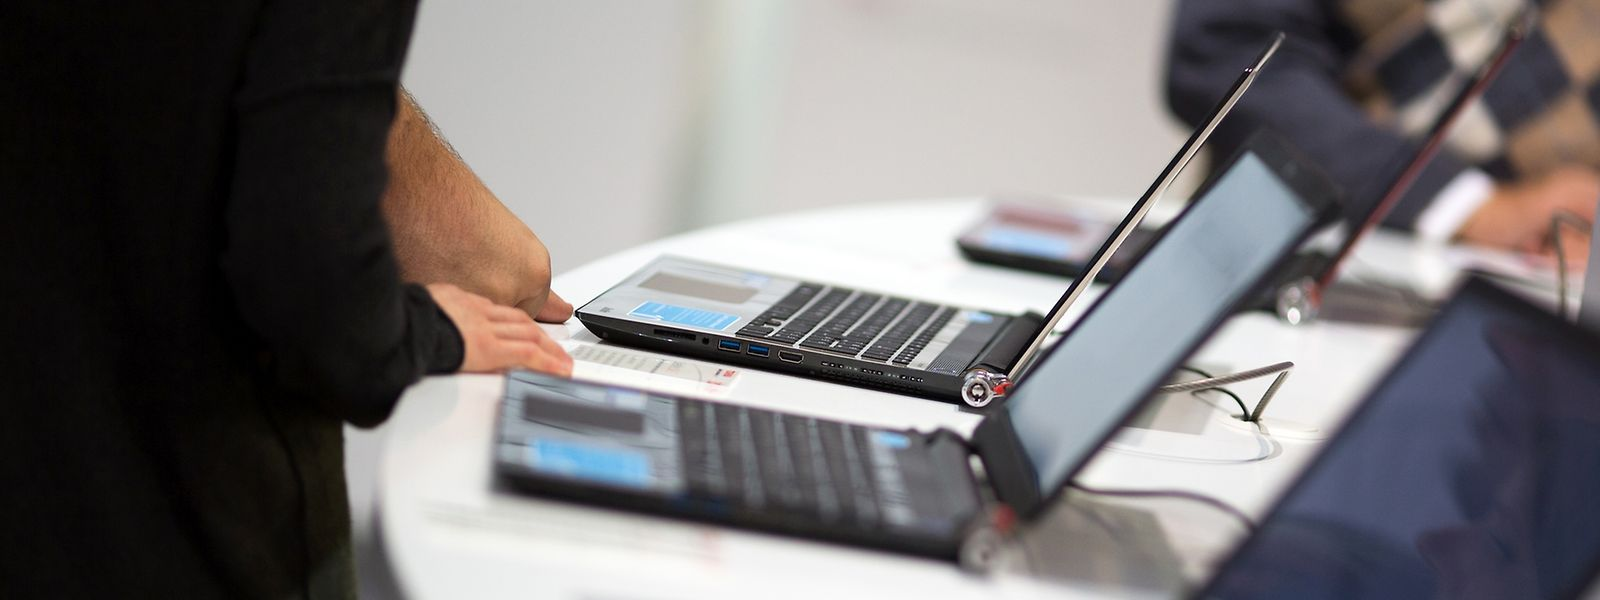 Der Klassiker und Fast-Alleskönner: Allerdings machen Tablets und Tablet-Hybriden dem guten alten Notebook immer öfter Konkurrenz.